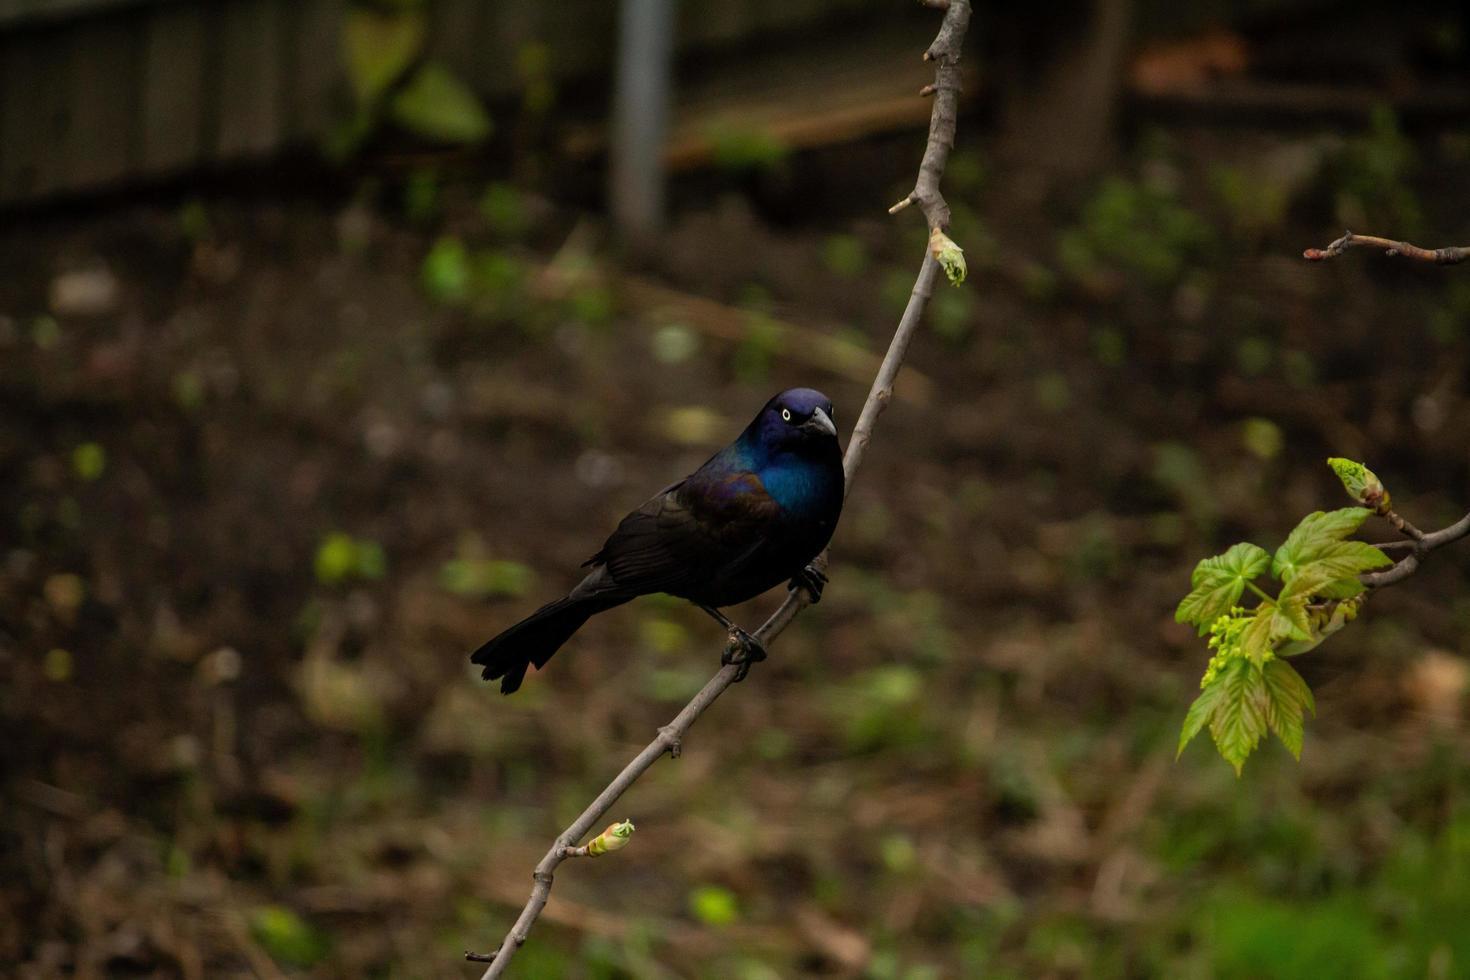 vogel die op boomtak neerstrijkt foto